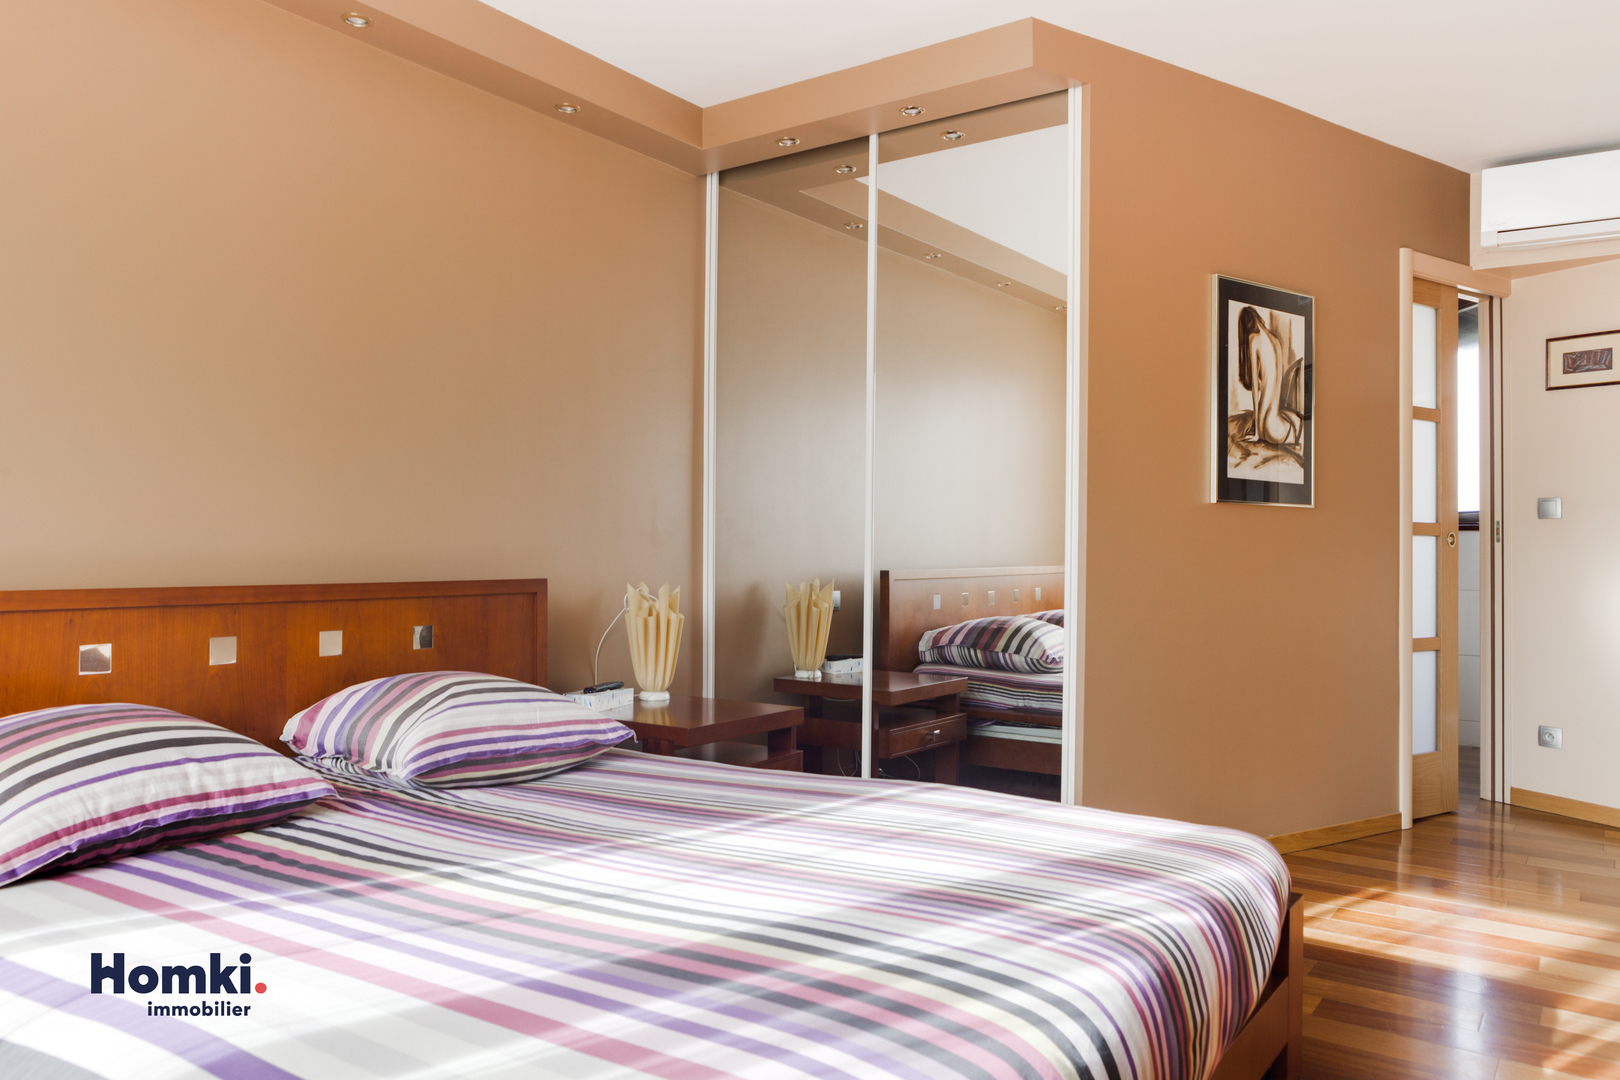 Maison I 150 m² I T4/5 I 69500 | photo 8